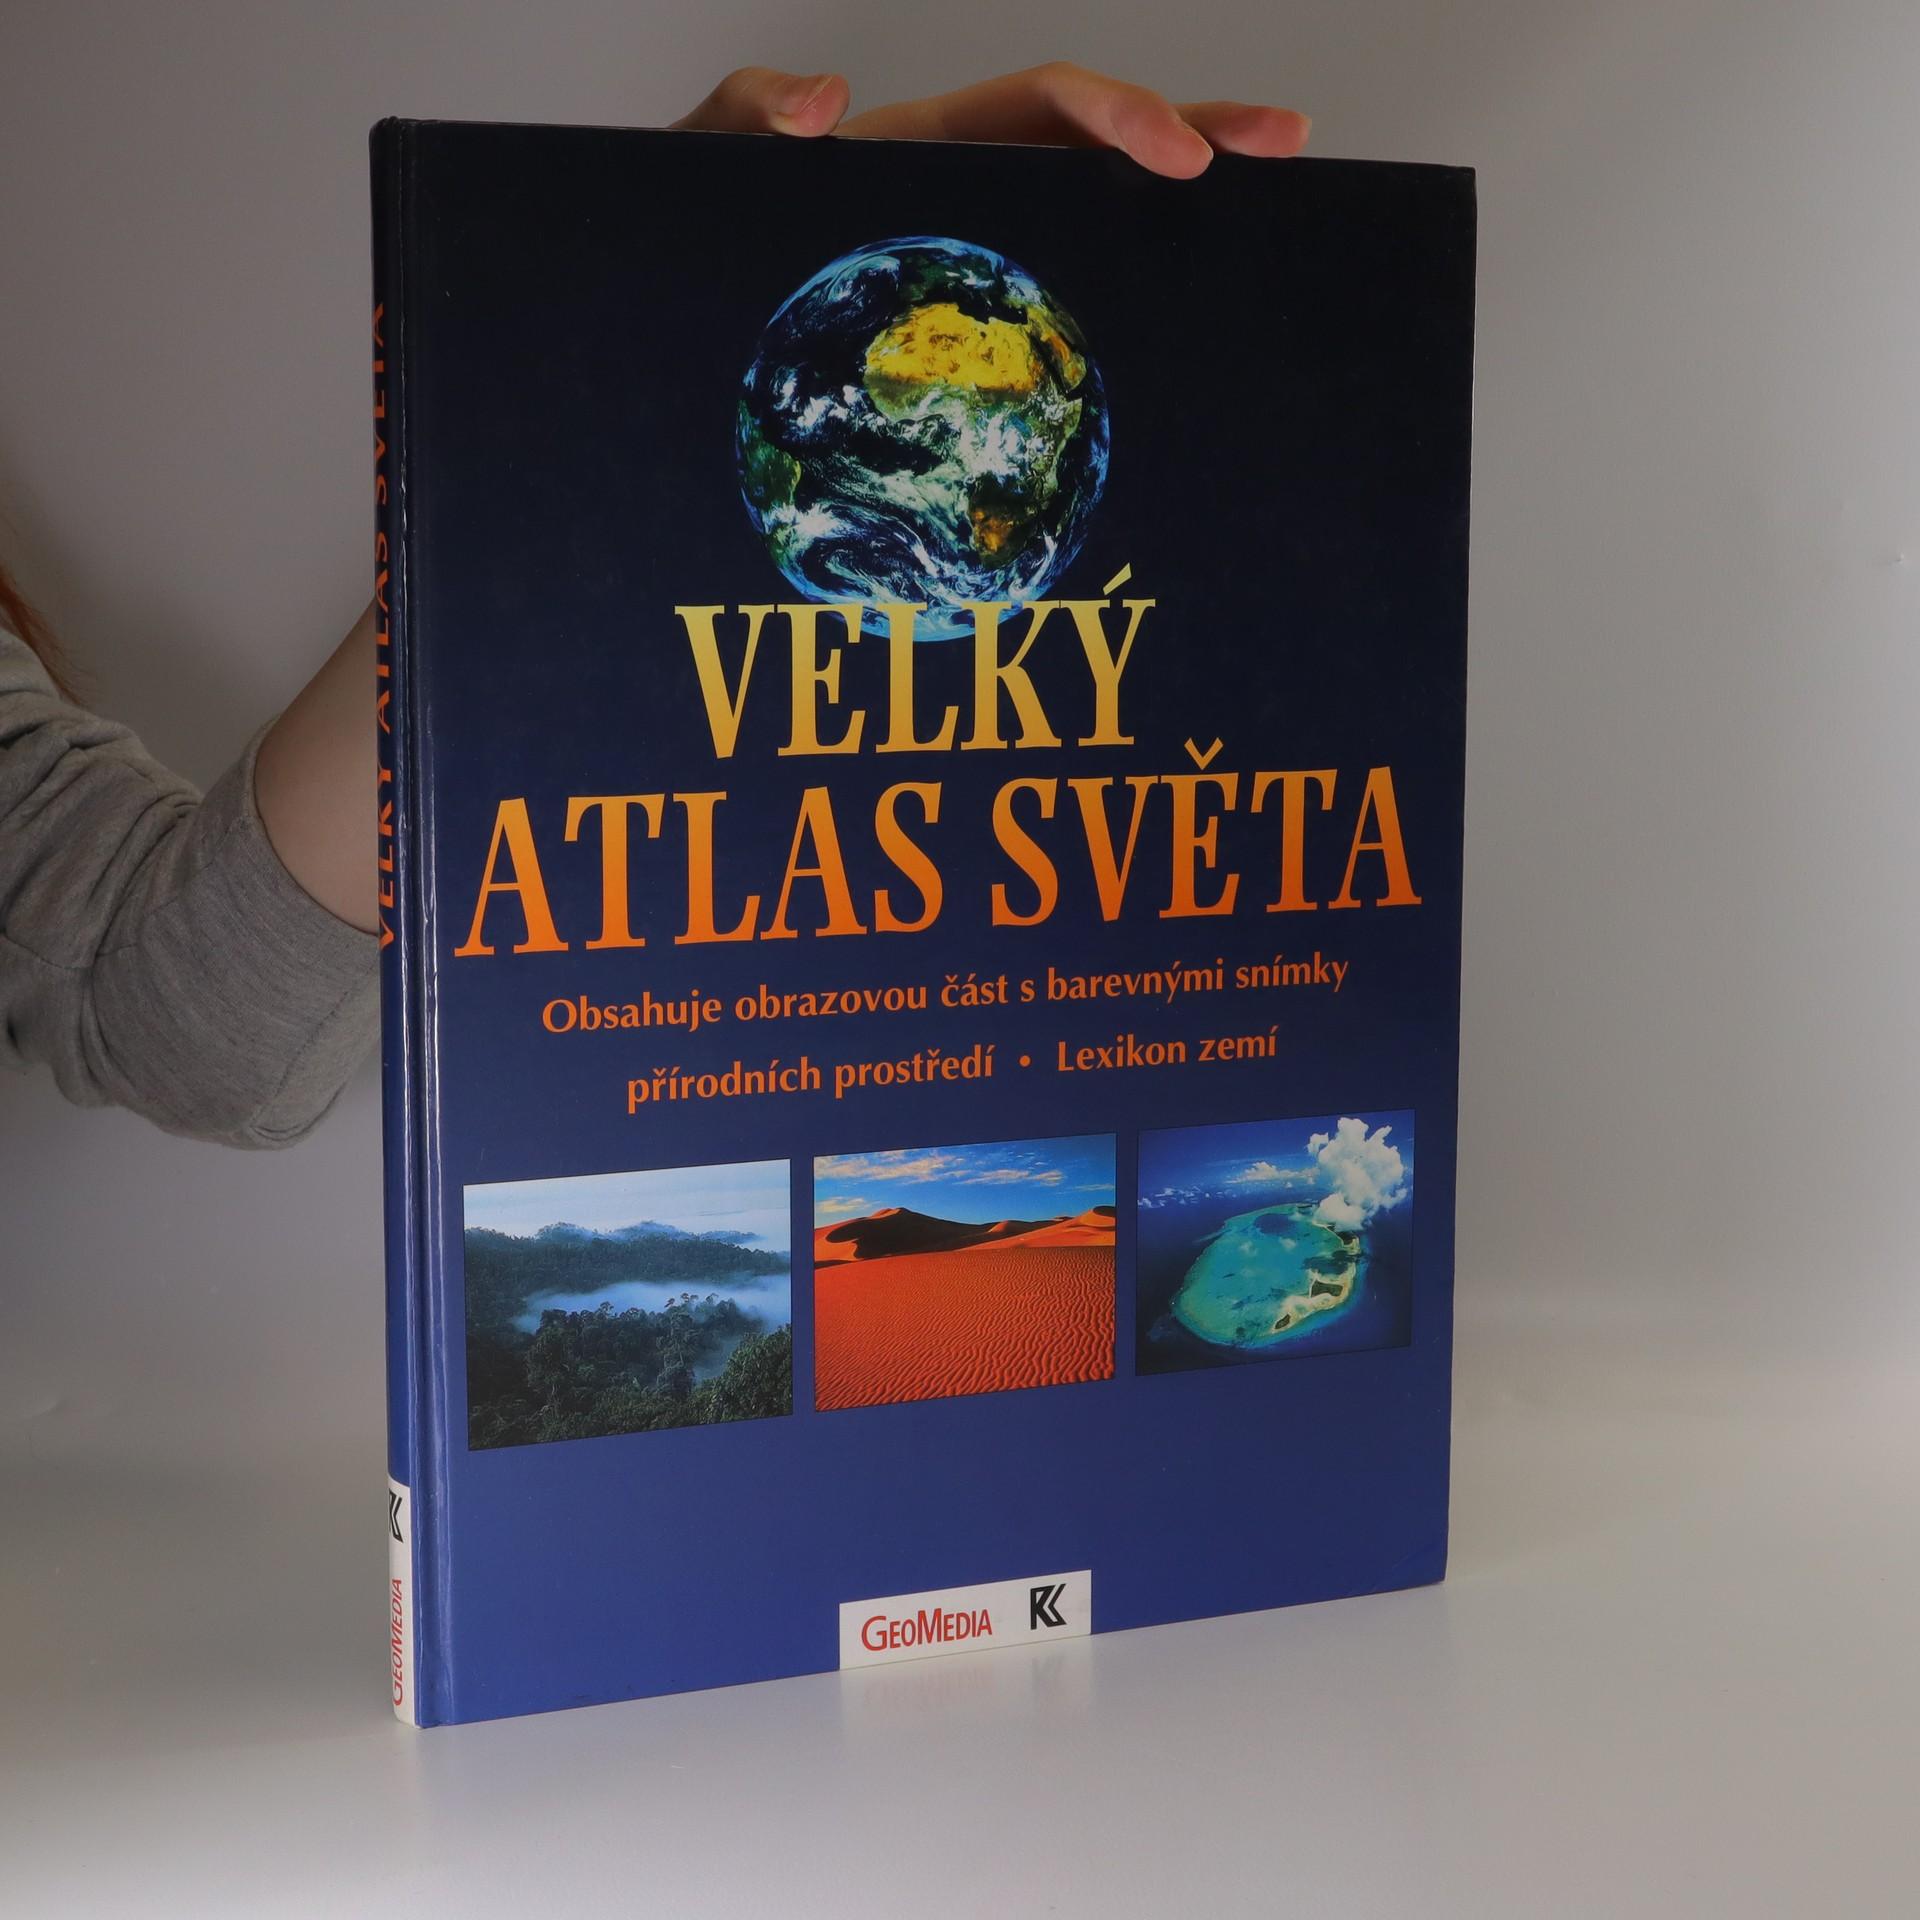 antikvární kniha Velký atlas světa, 1996